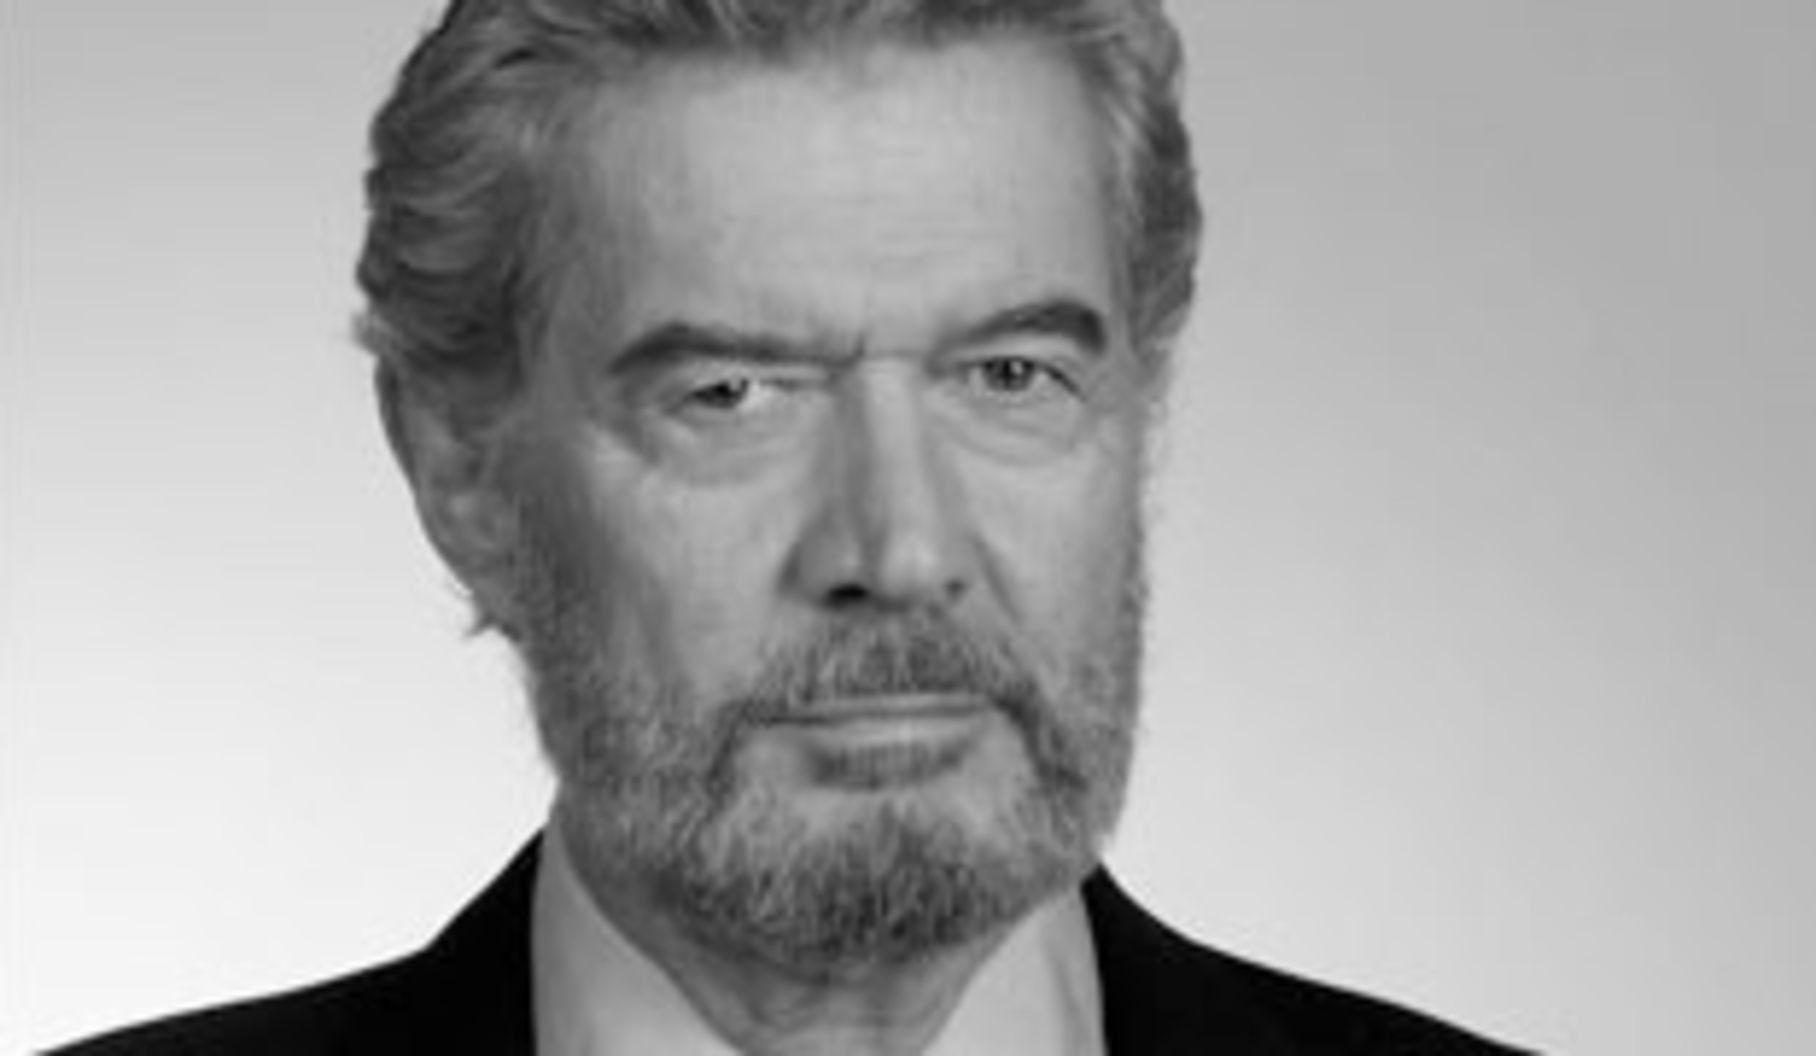 Daniel Pilon meurt après une longue maladie